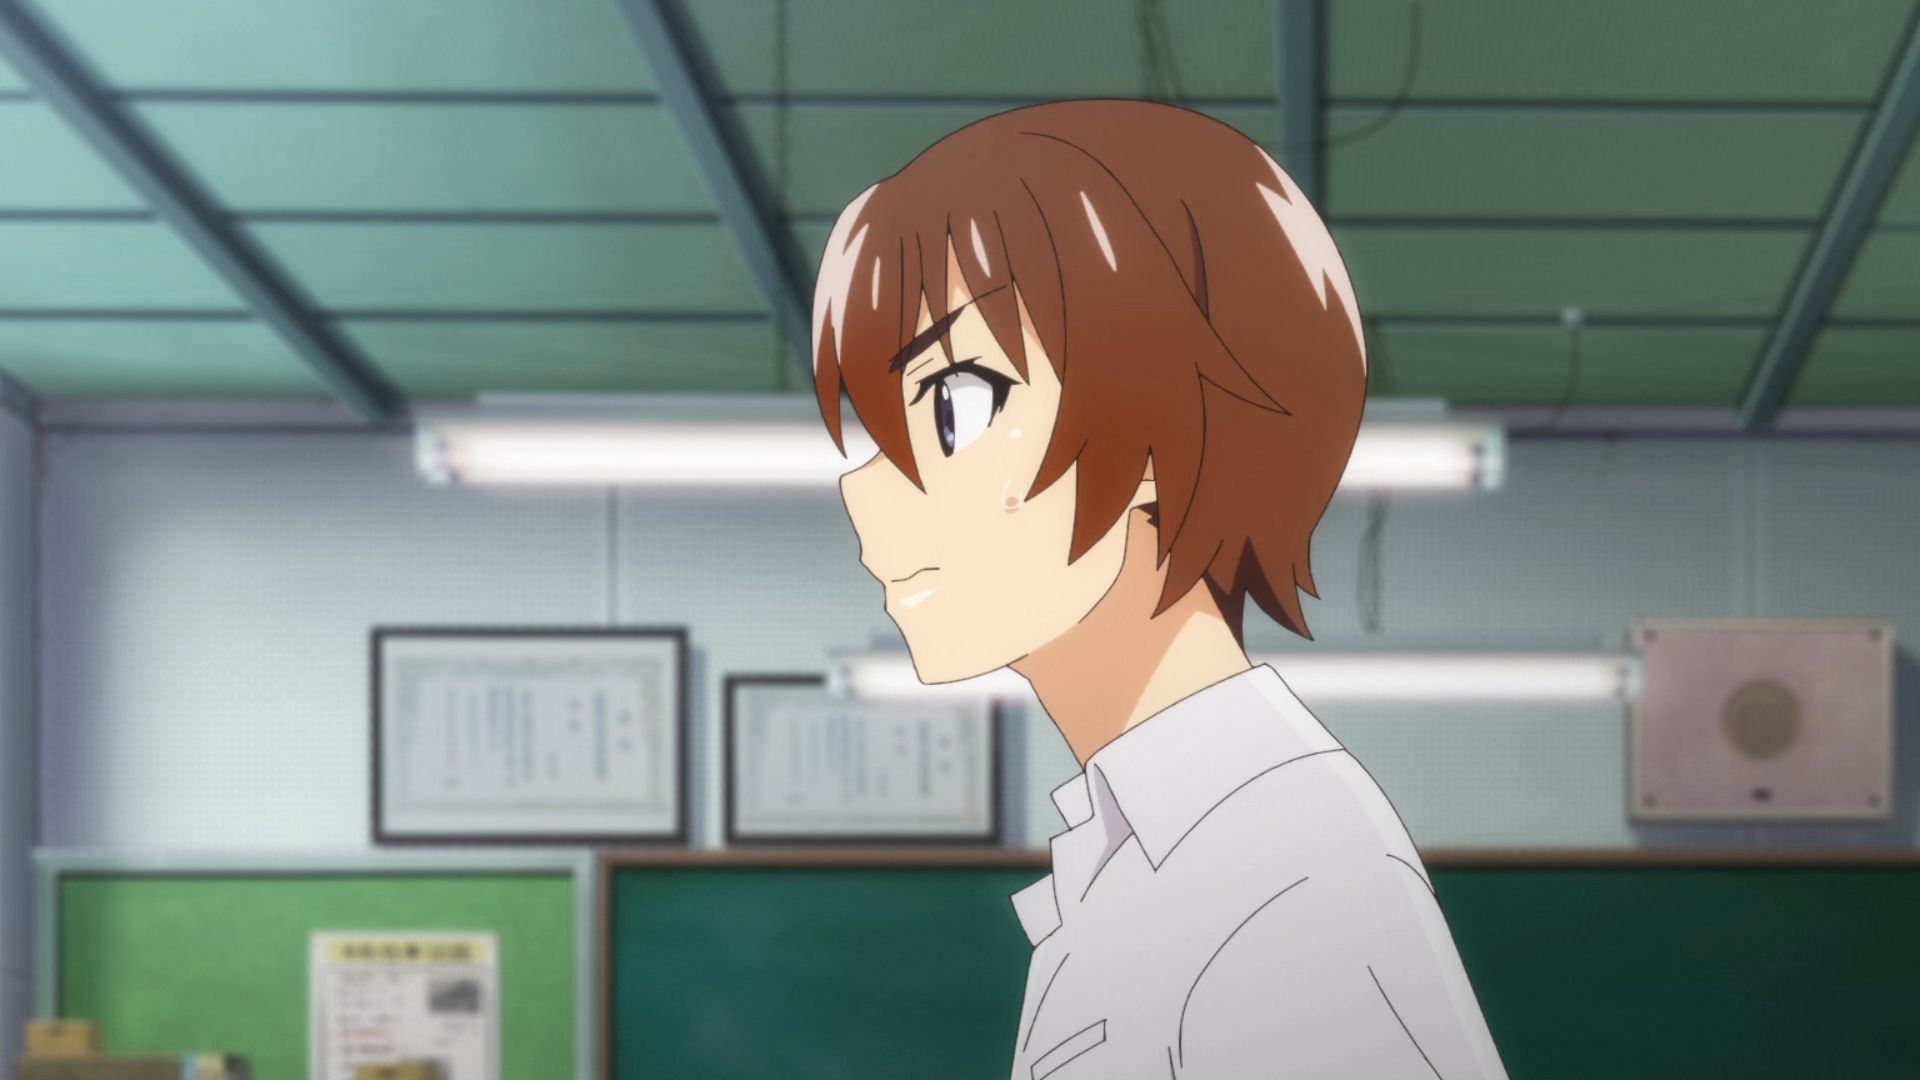 [Anime Time] Higurashi No Naku Koro Ni (2020) - 05 [1080p